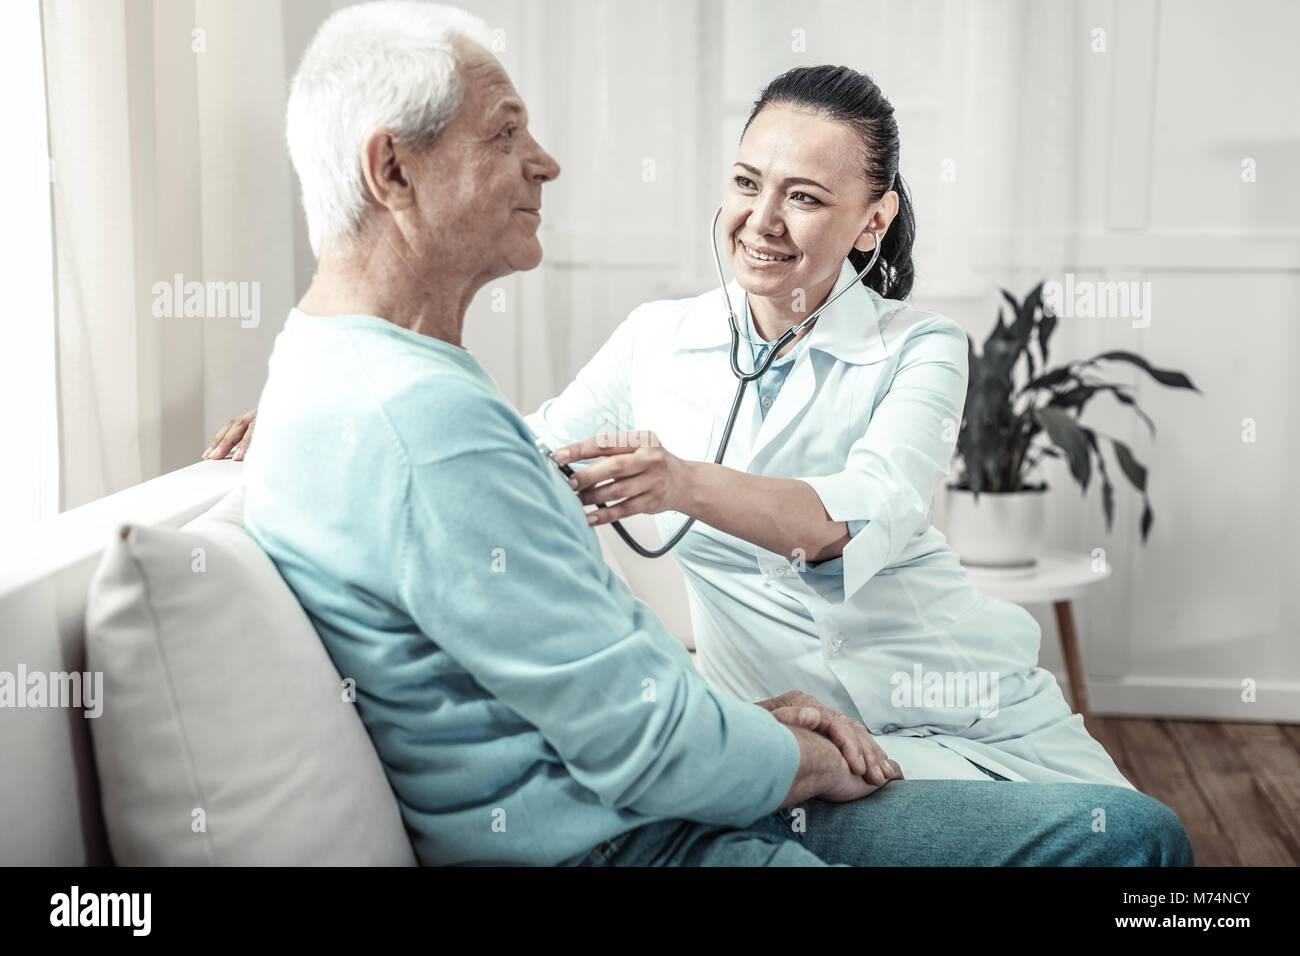 Angenehme Art Krankenschwester, die ihr Stethoskop und lächelnd. Stockbild